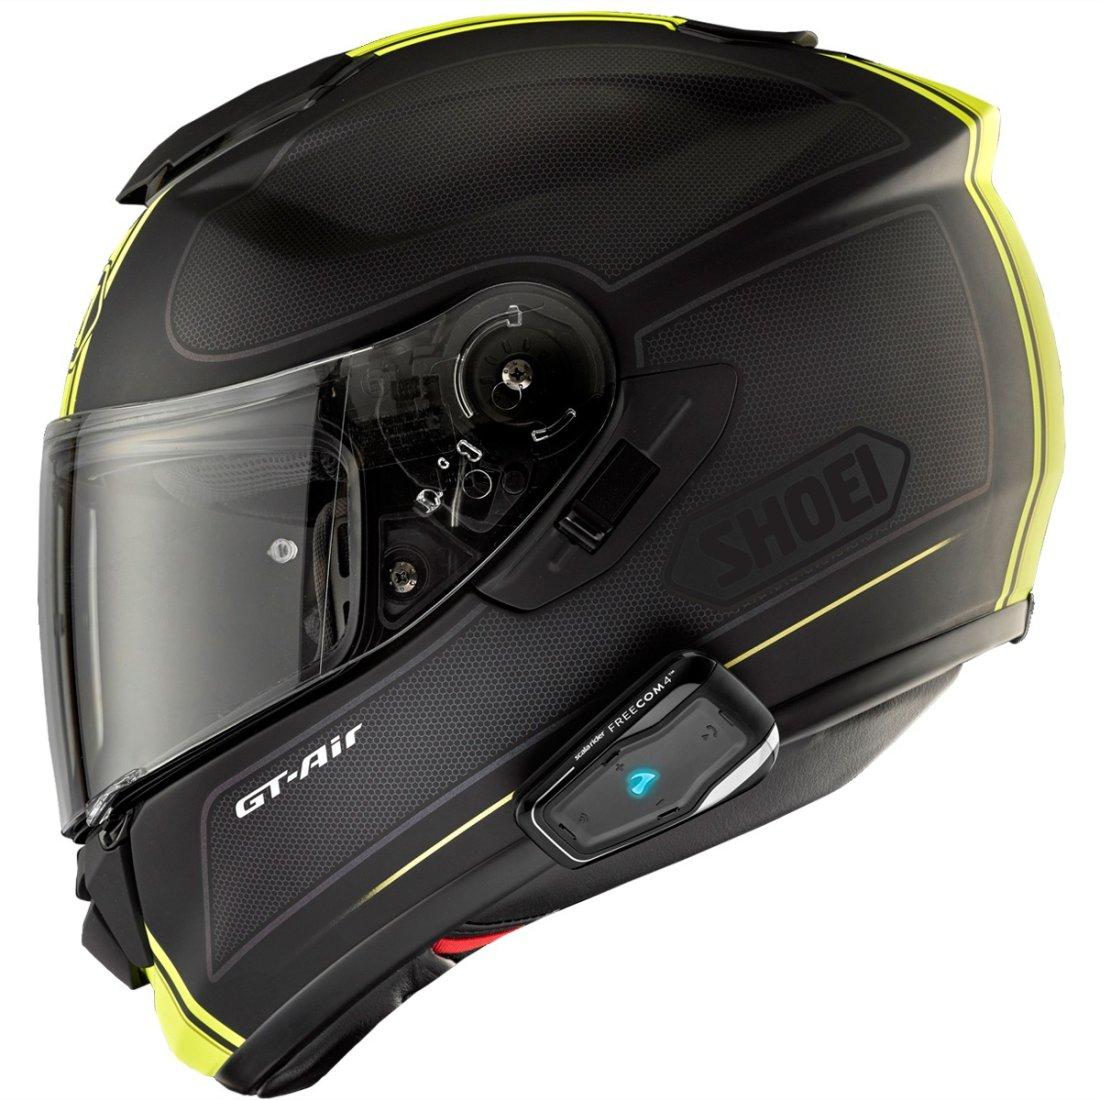 CARDO Scala Rider FreeCom 4 Duo Electronics · Motocard